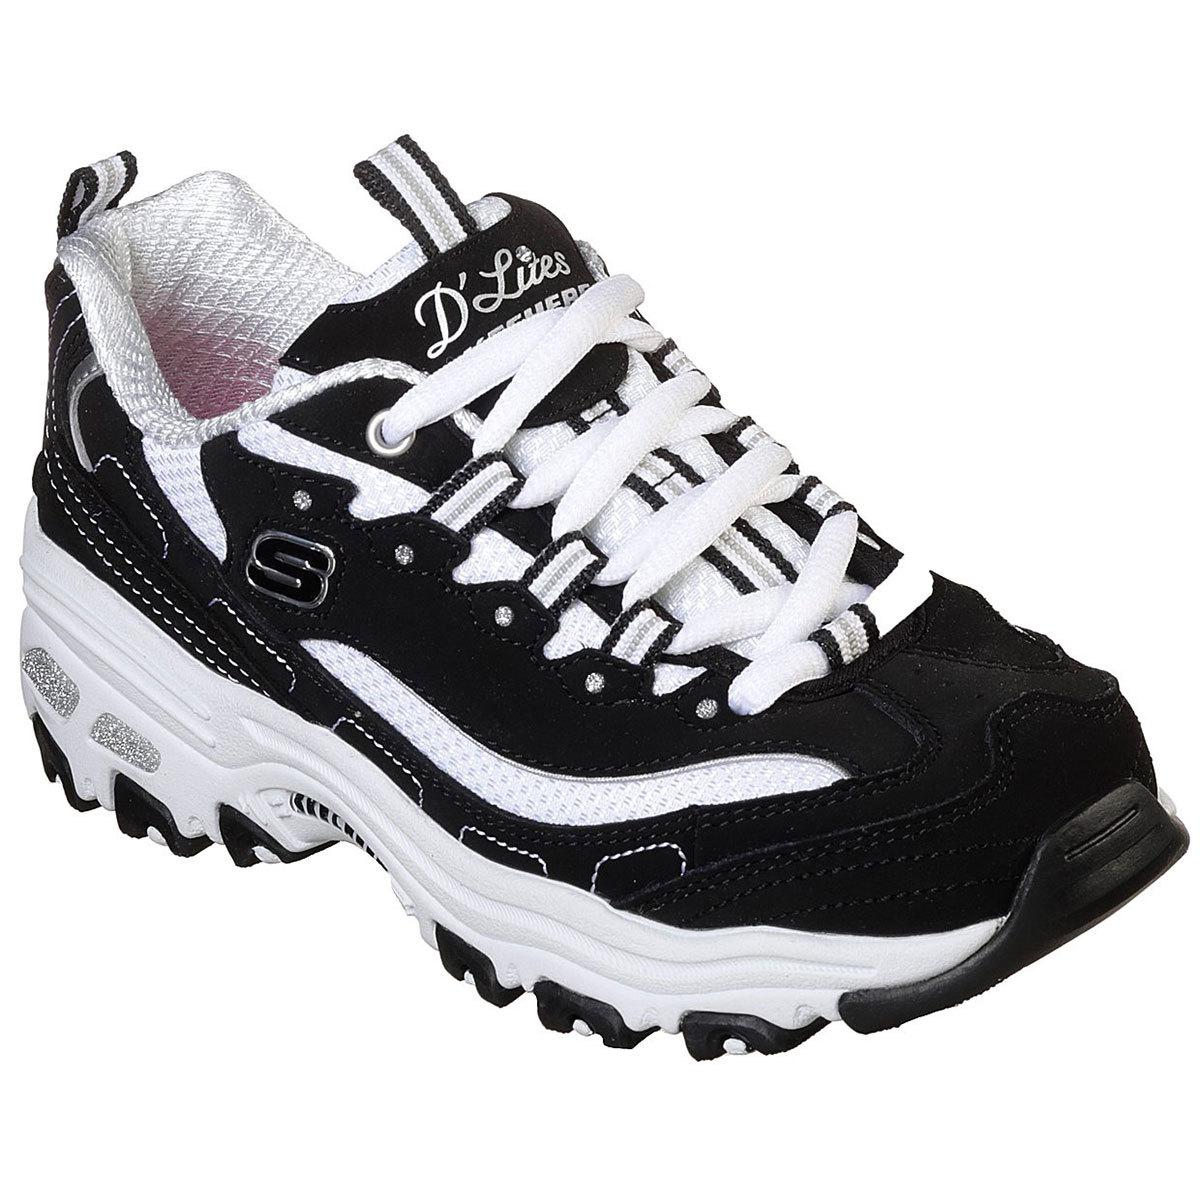 Skechers Girls' D'lites - Biggest Fan Sneakers - Black, 2